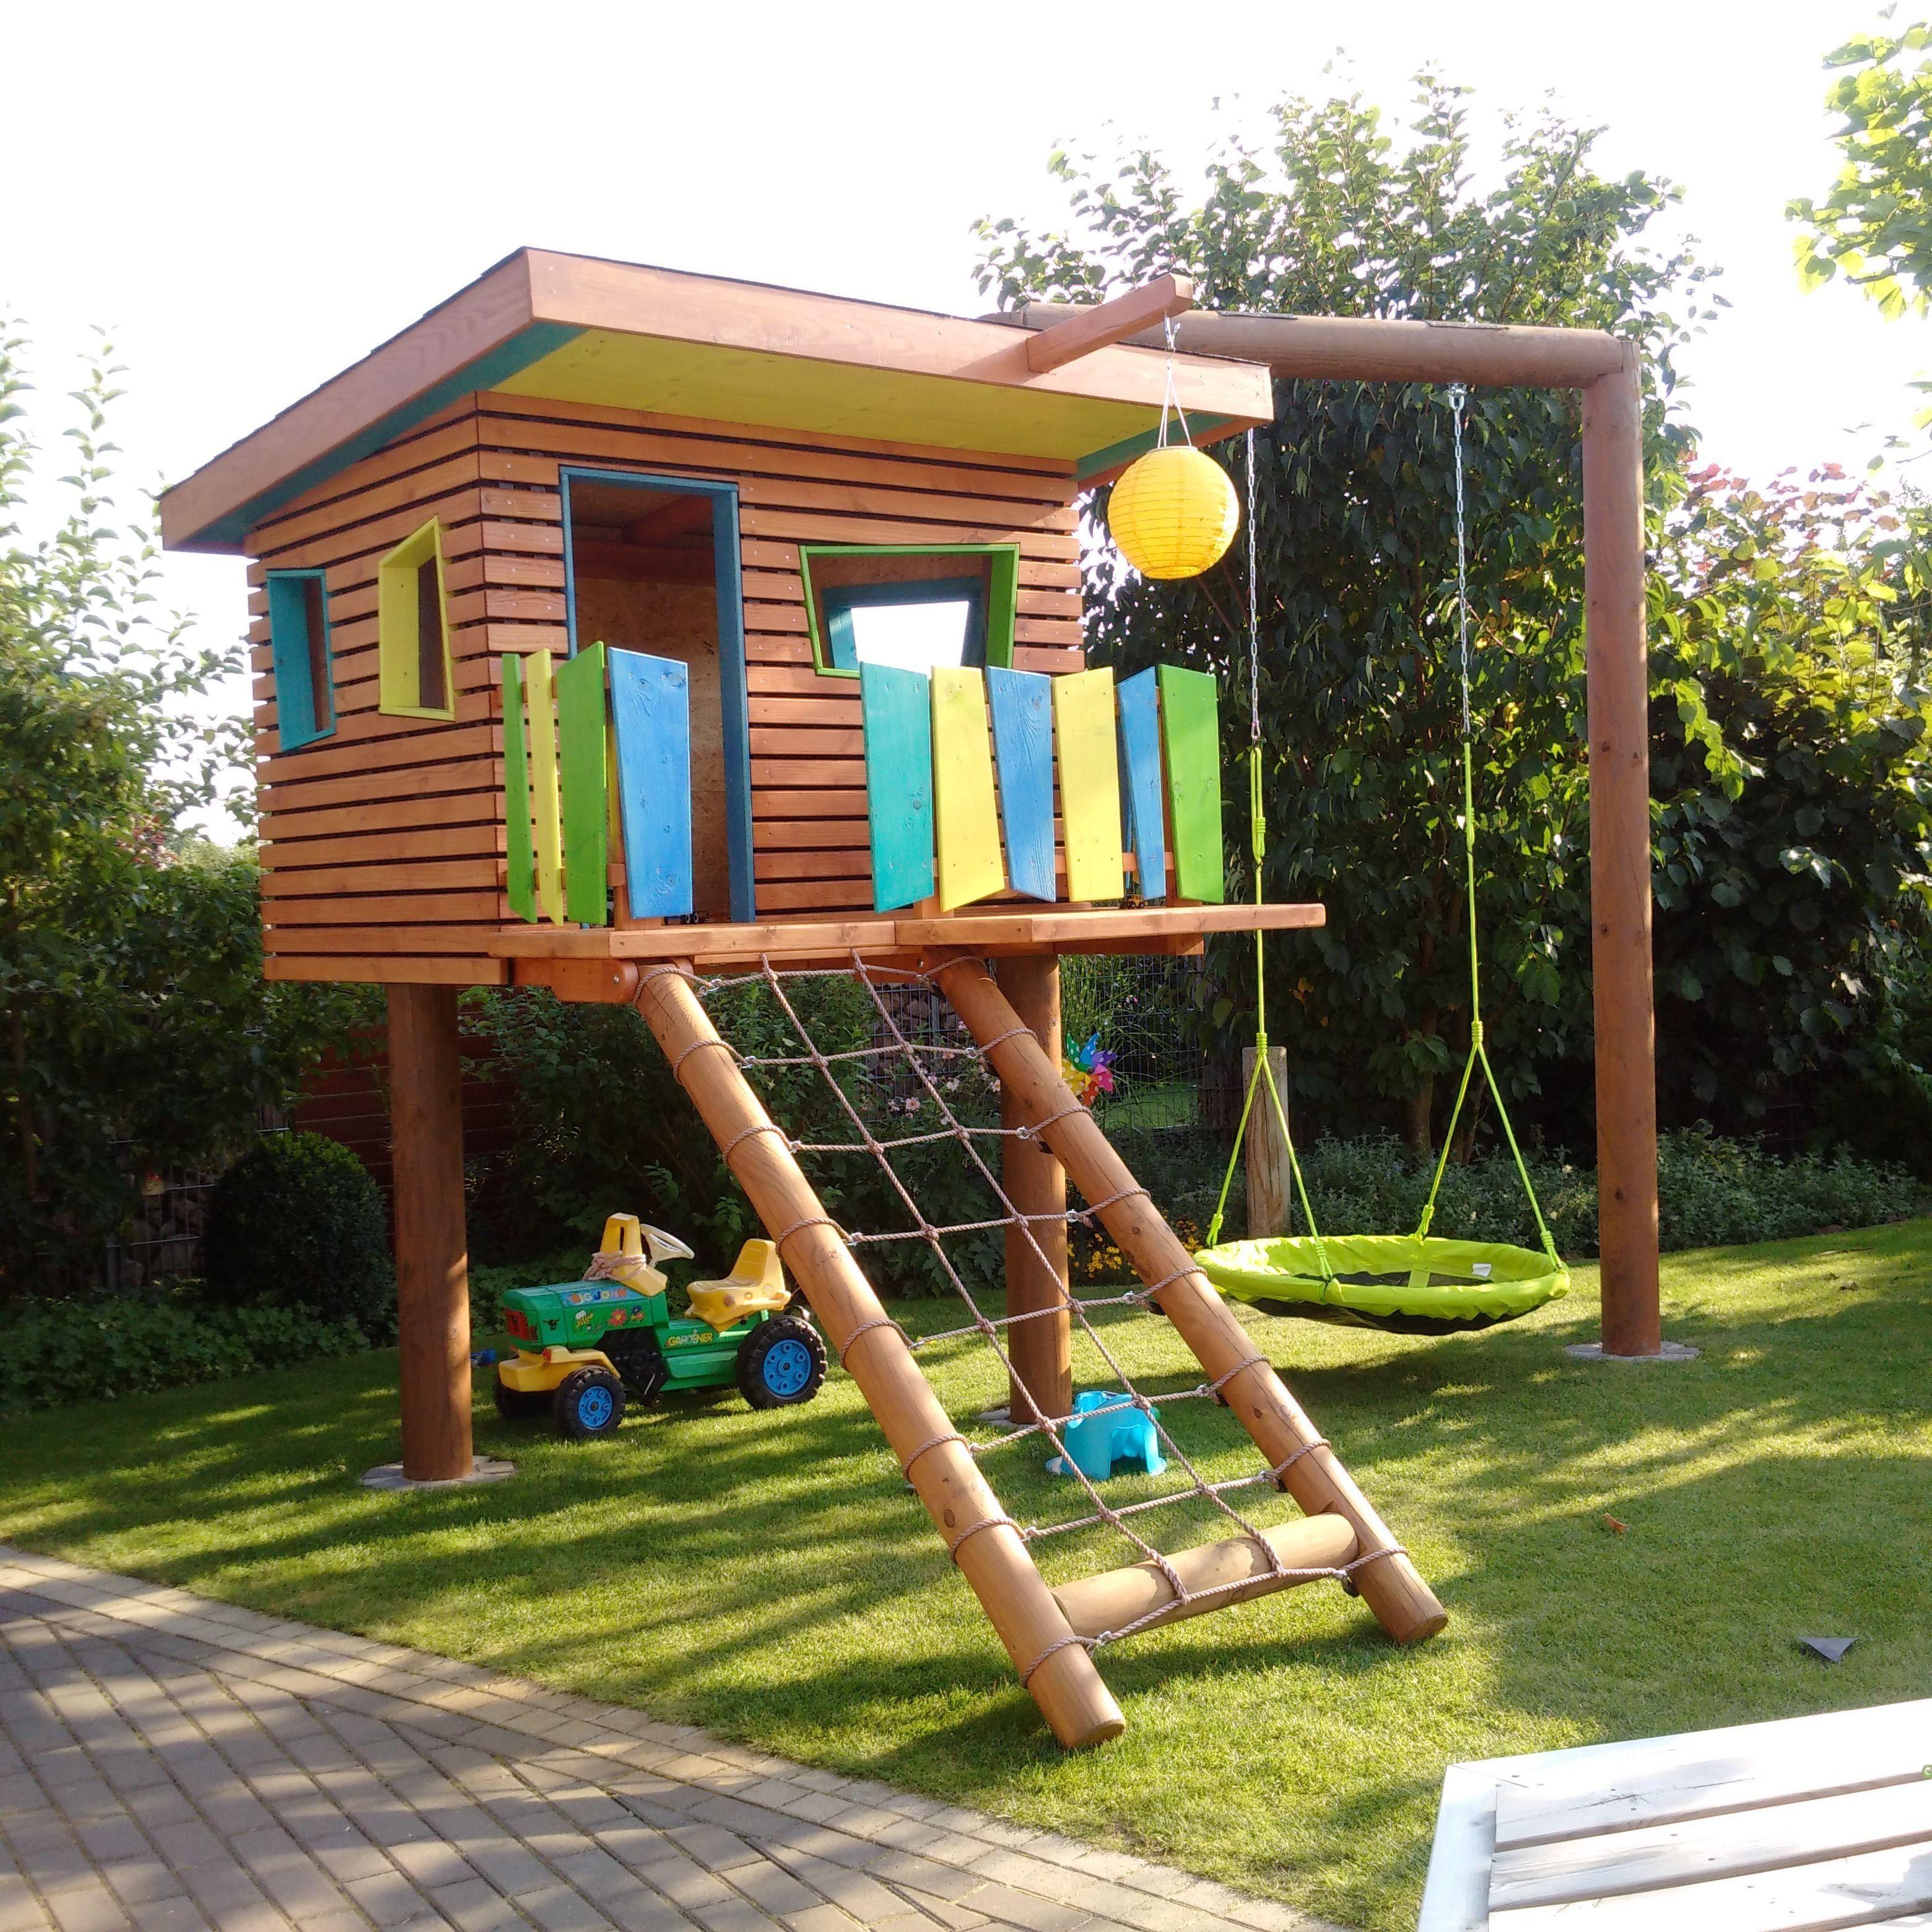 best of spielturm mit schaukel und rutsche selber bauen home decor ideas backyard for kids